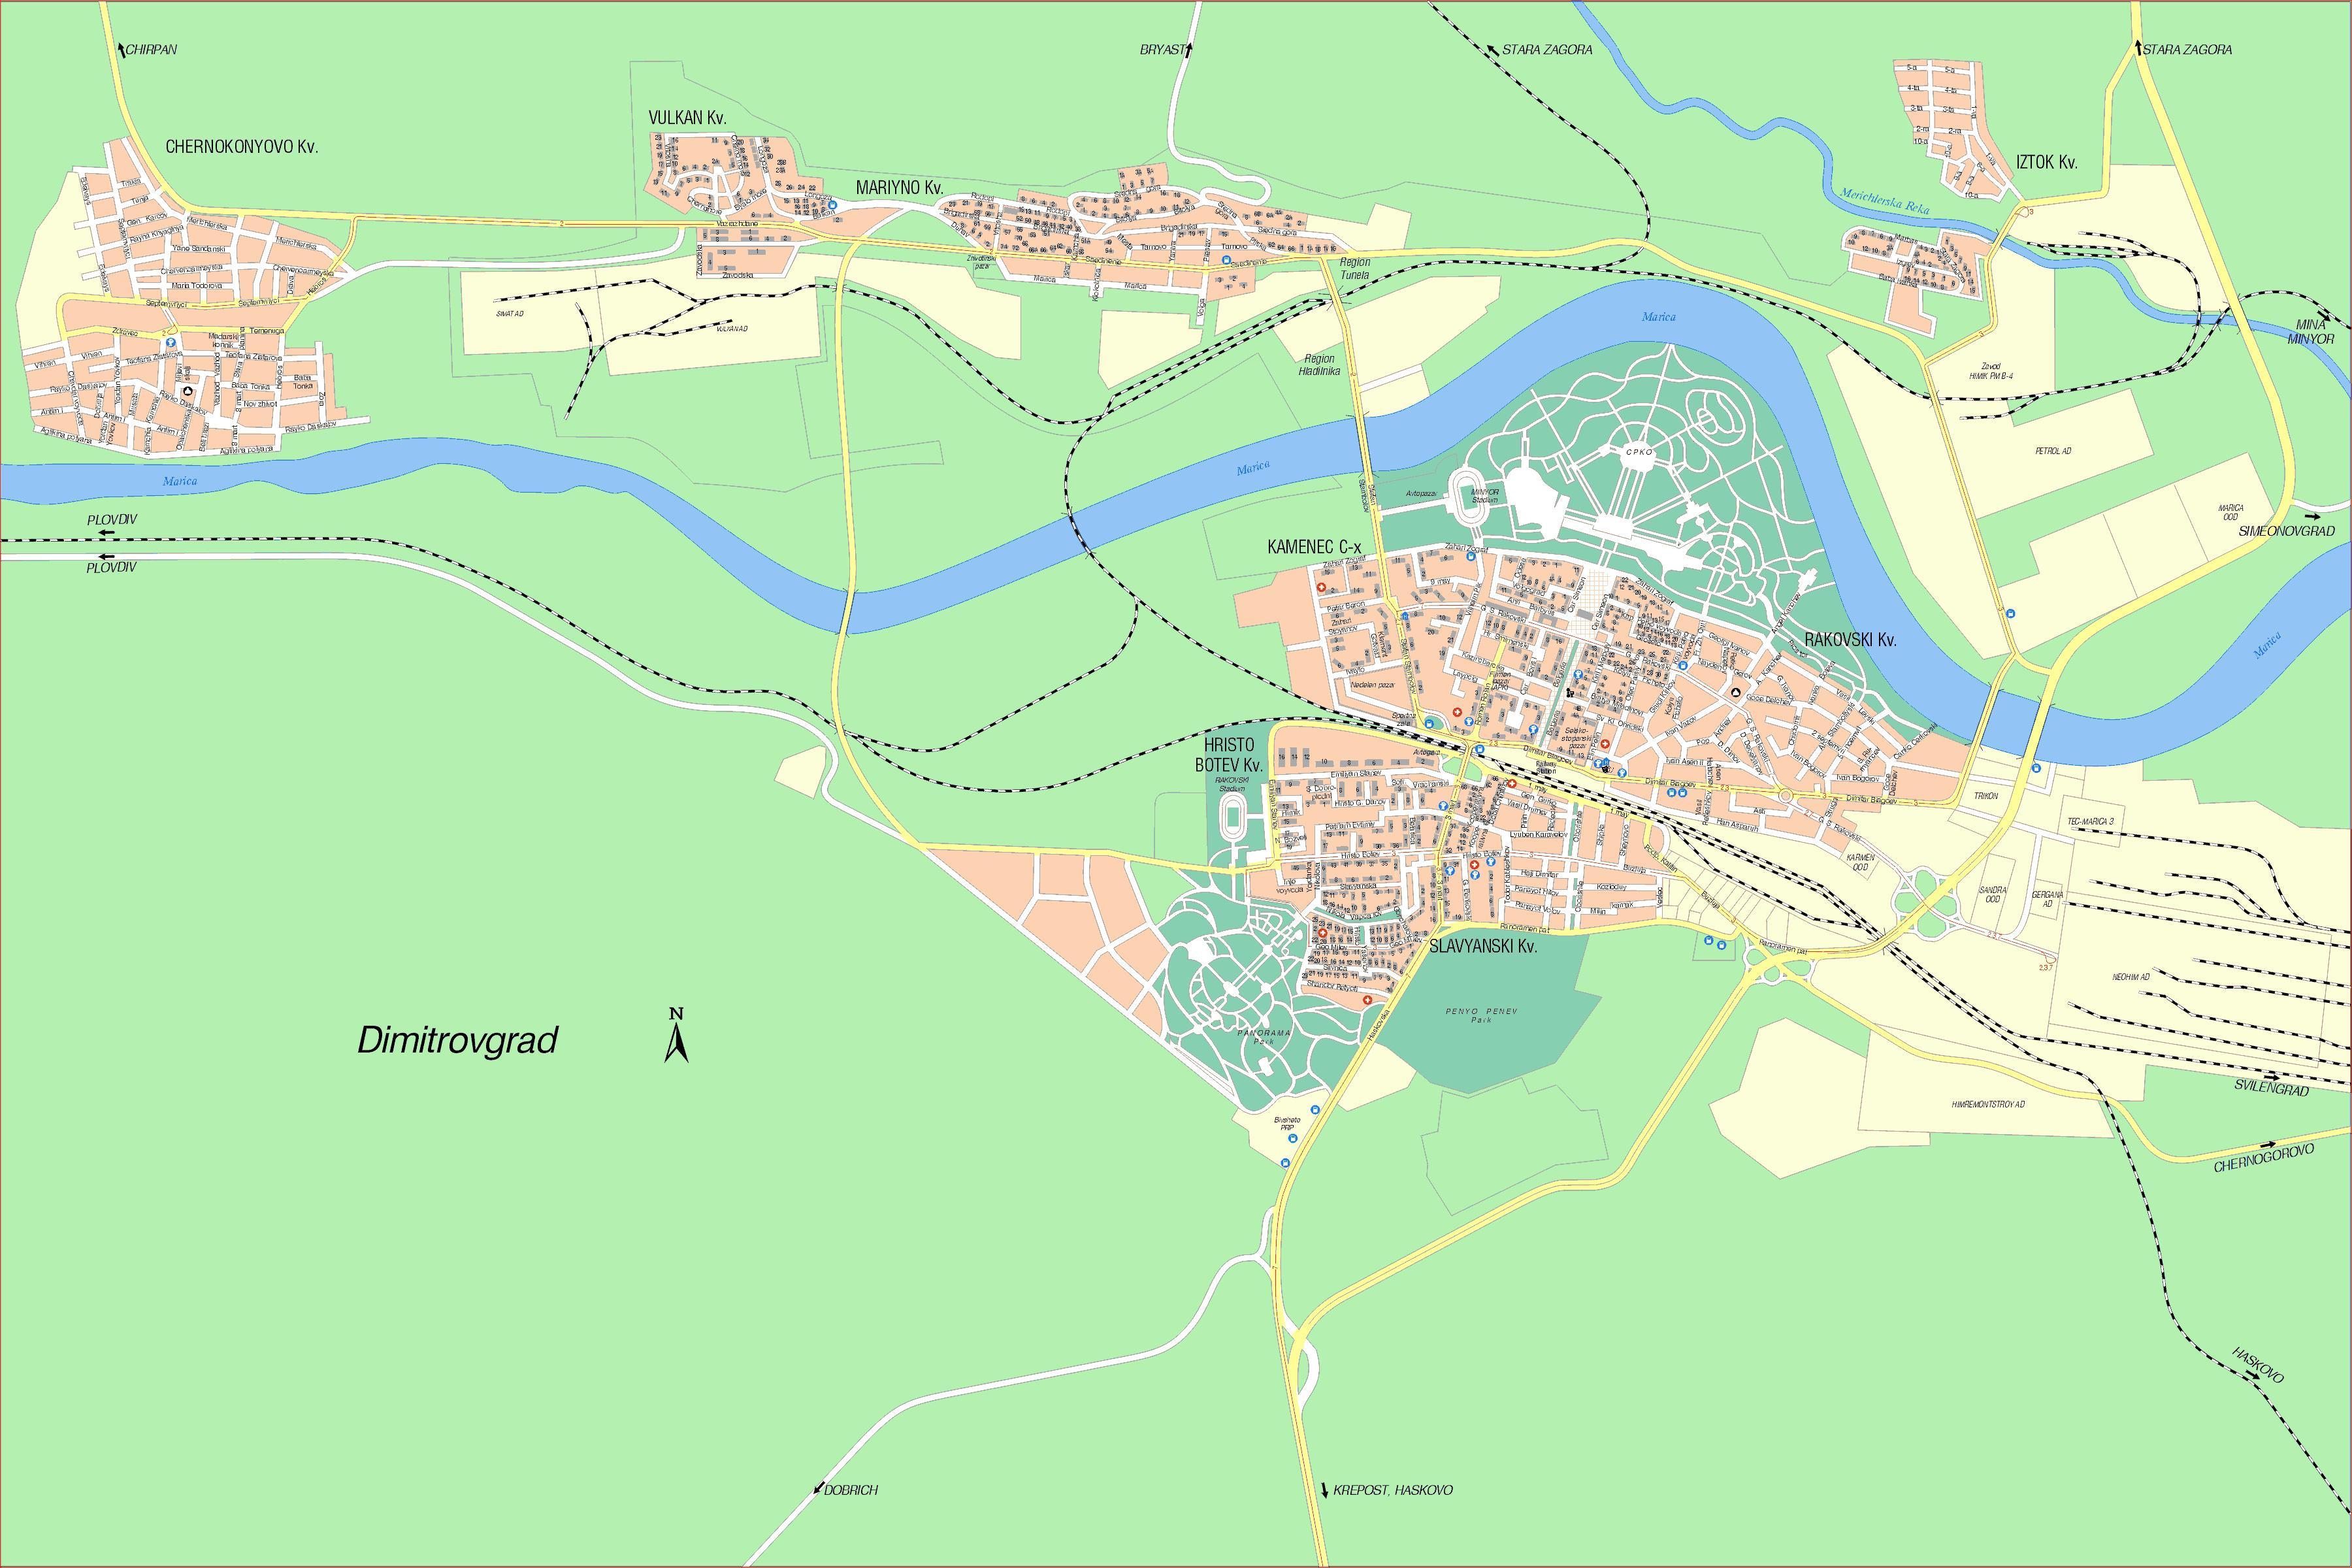 Схема г. димитровград